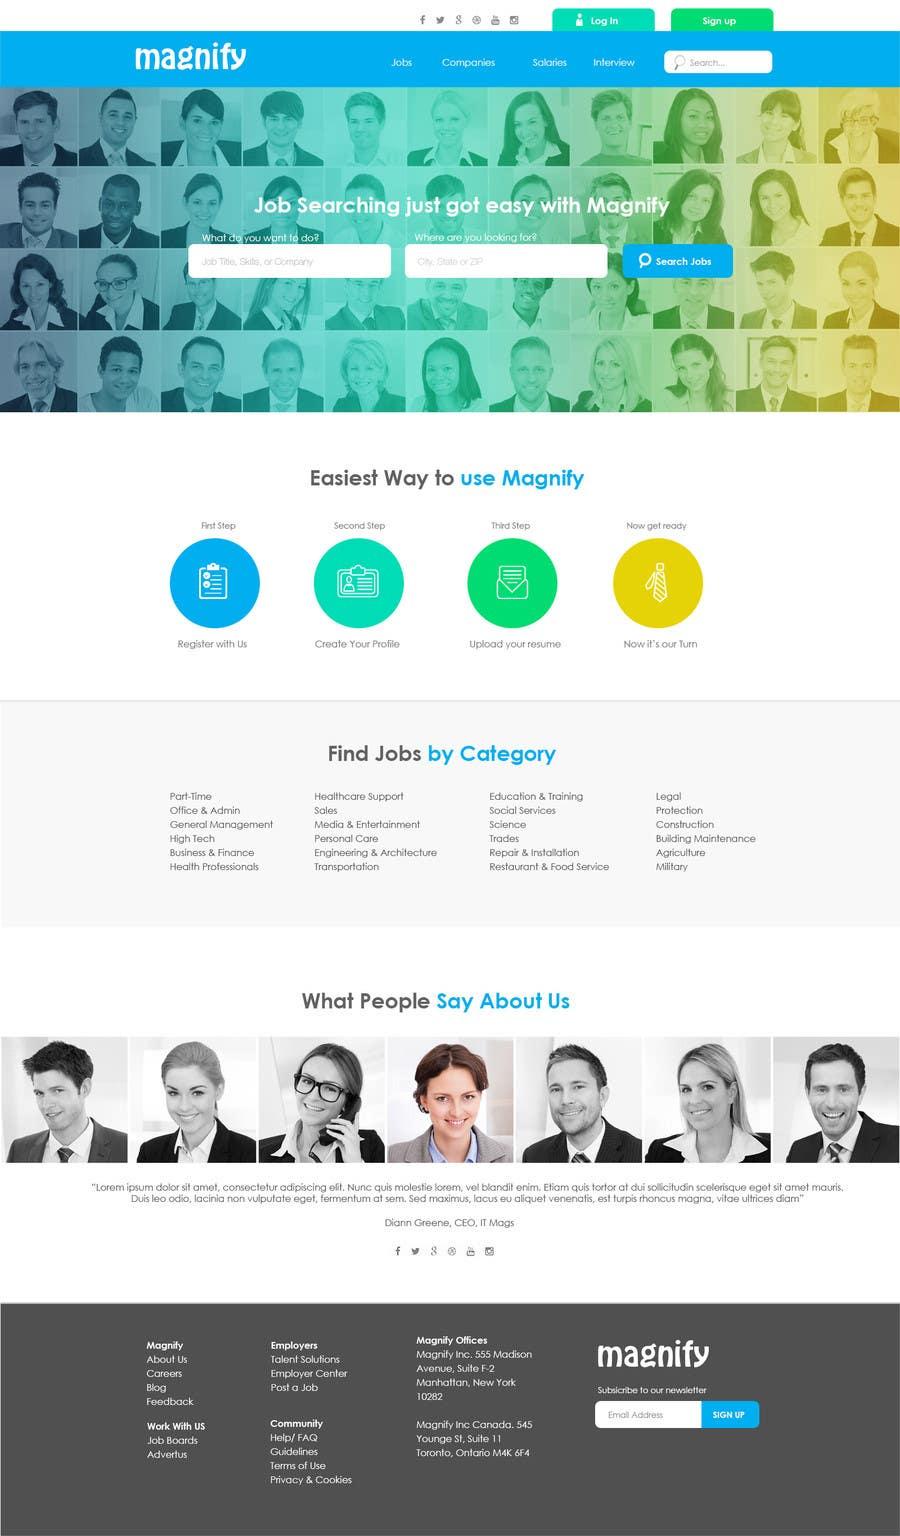 Konkurrenceindlæg #11 for Design a Website Mockup for a Job Search Engine